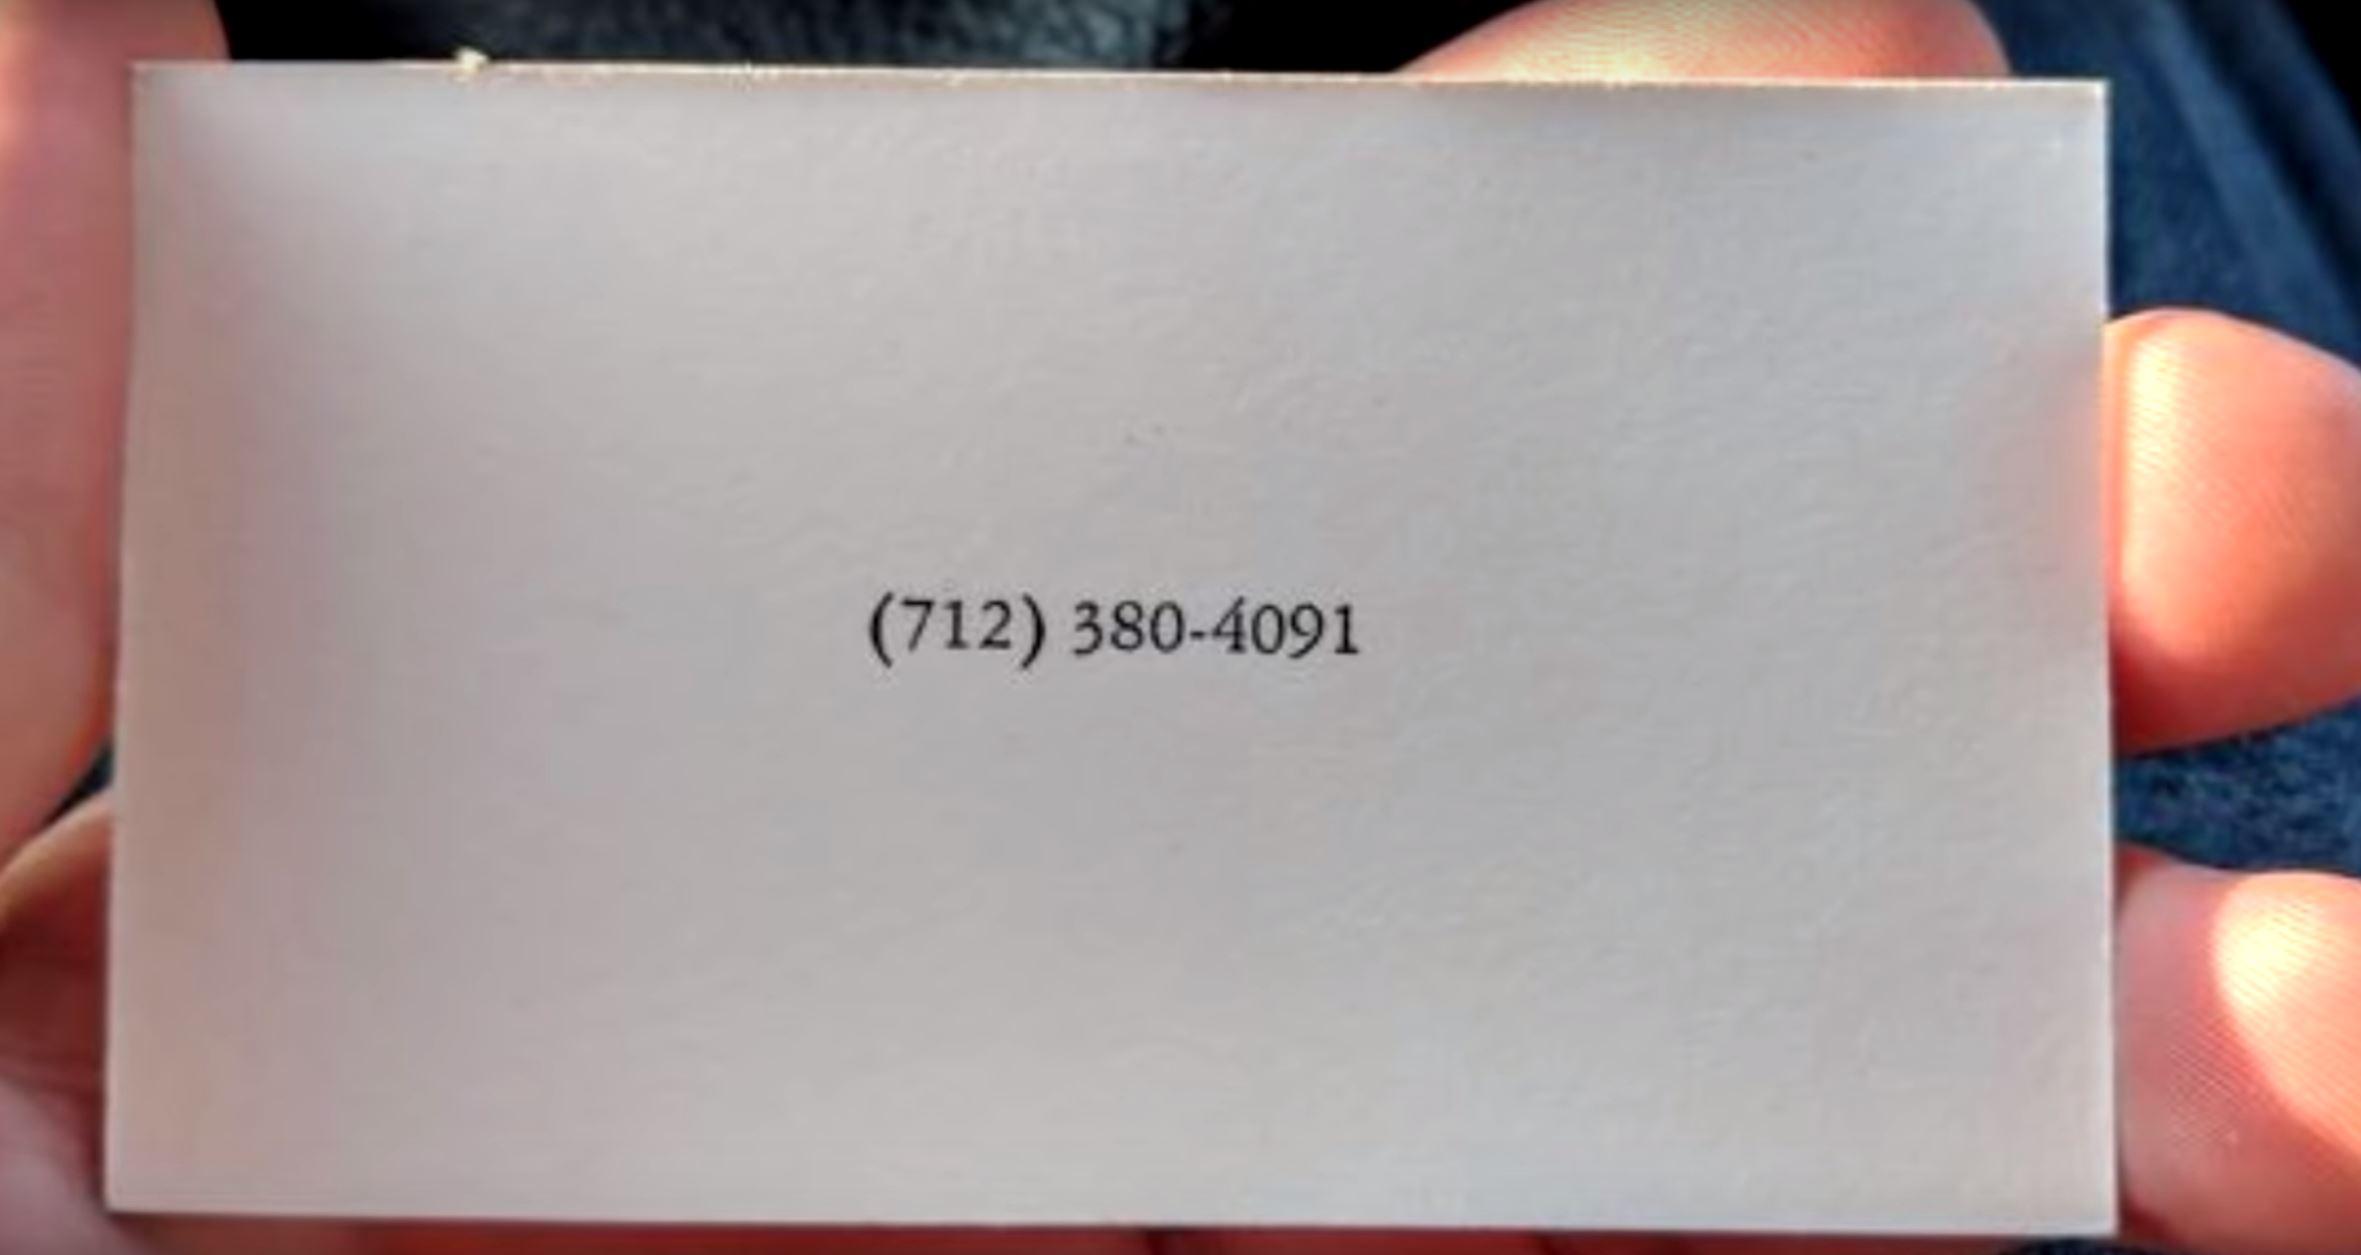 Telefon-Nummer